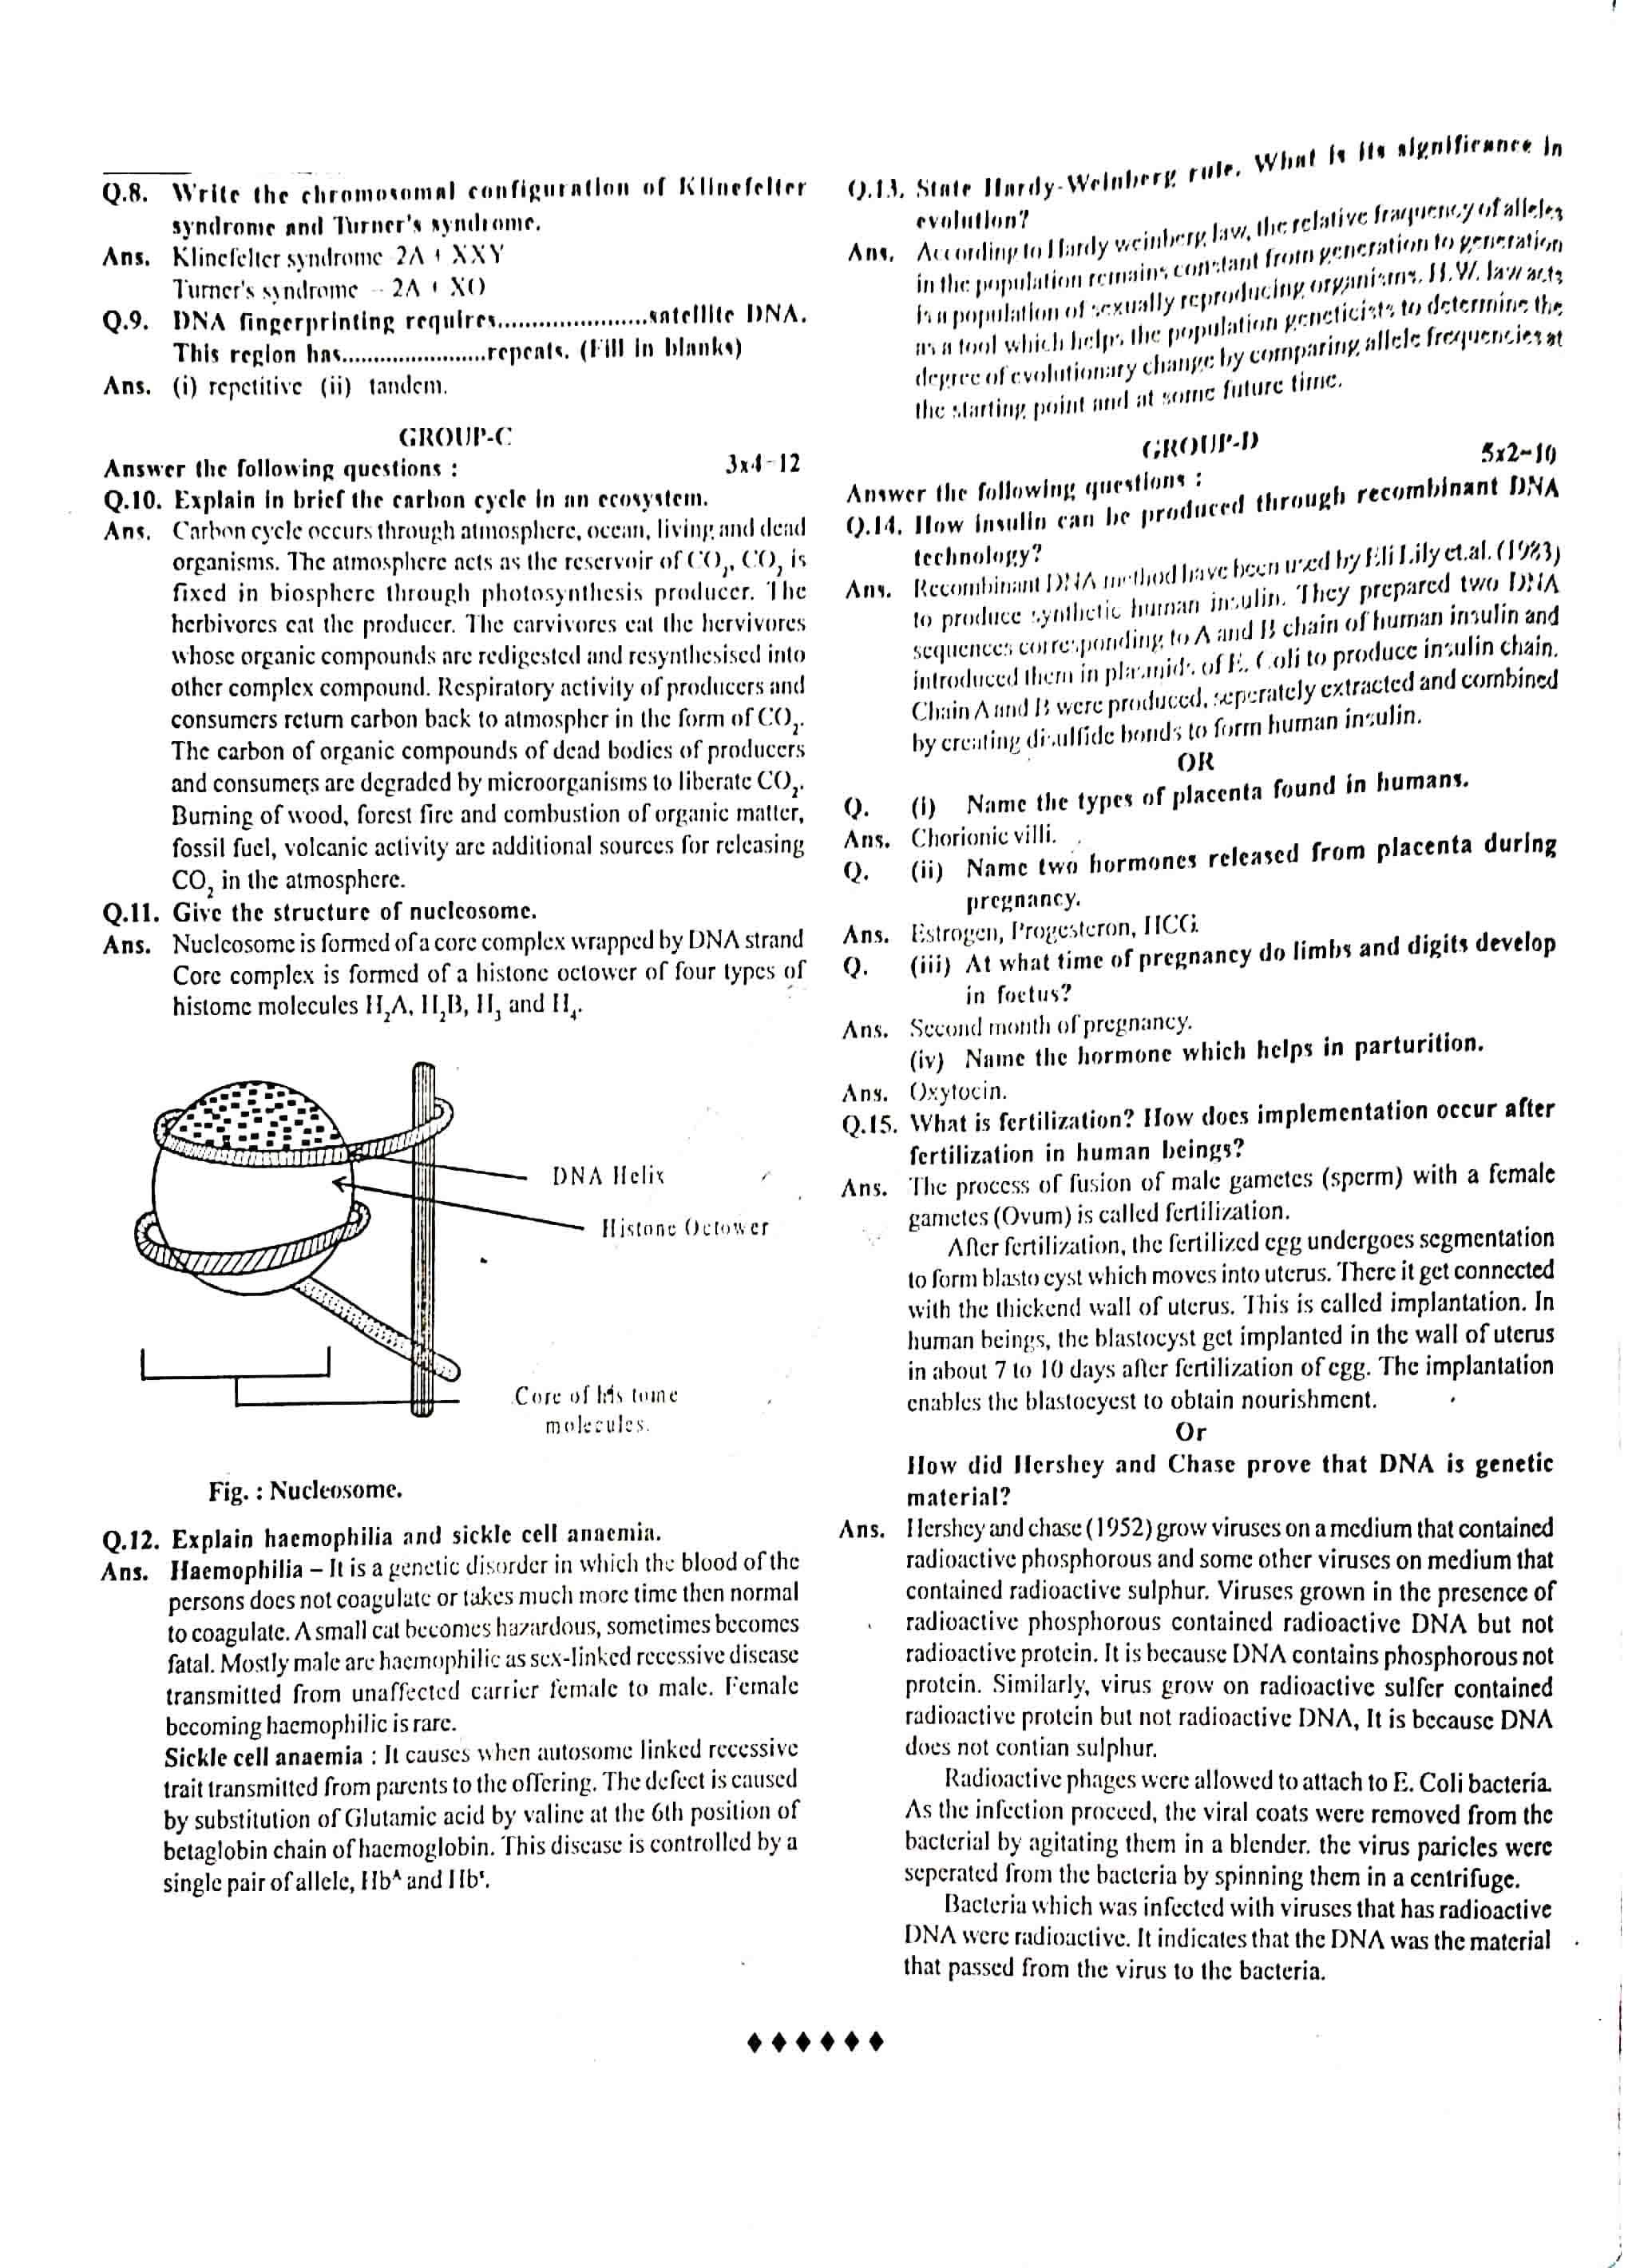 JAC Class 12 biology 2013 Question Paper 03